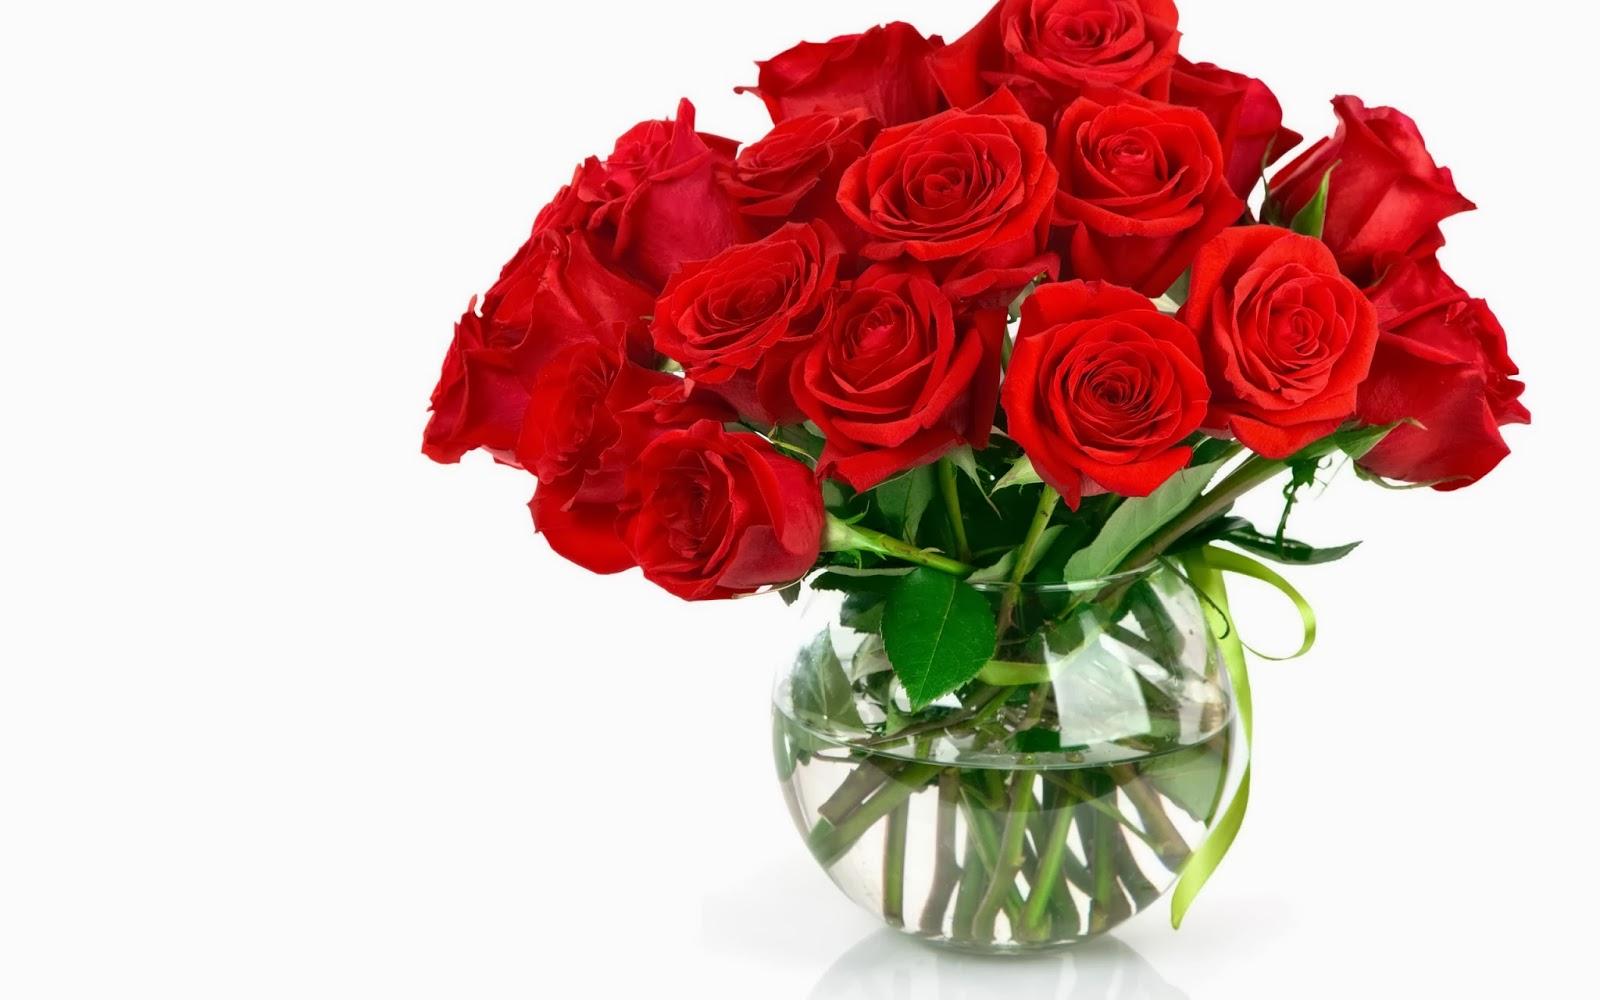 Hoa Hồng luôn thể hiện vẻ đẹp thanh cao, tinh khiết cho cuộc sống tươi đẹp. Chúng được nhiều người mệnh danh là \u201choàng hậu của những loài hoa\u201d. mời bạn đọc ...